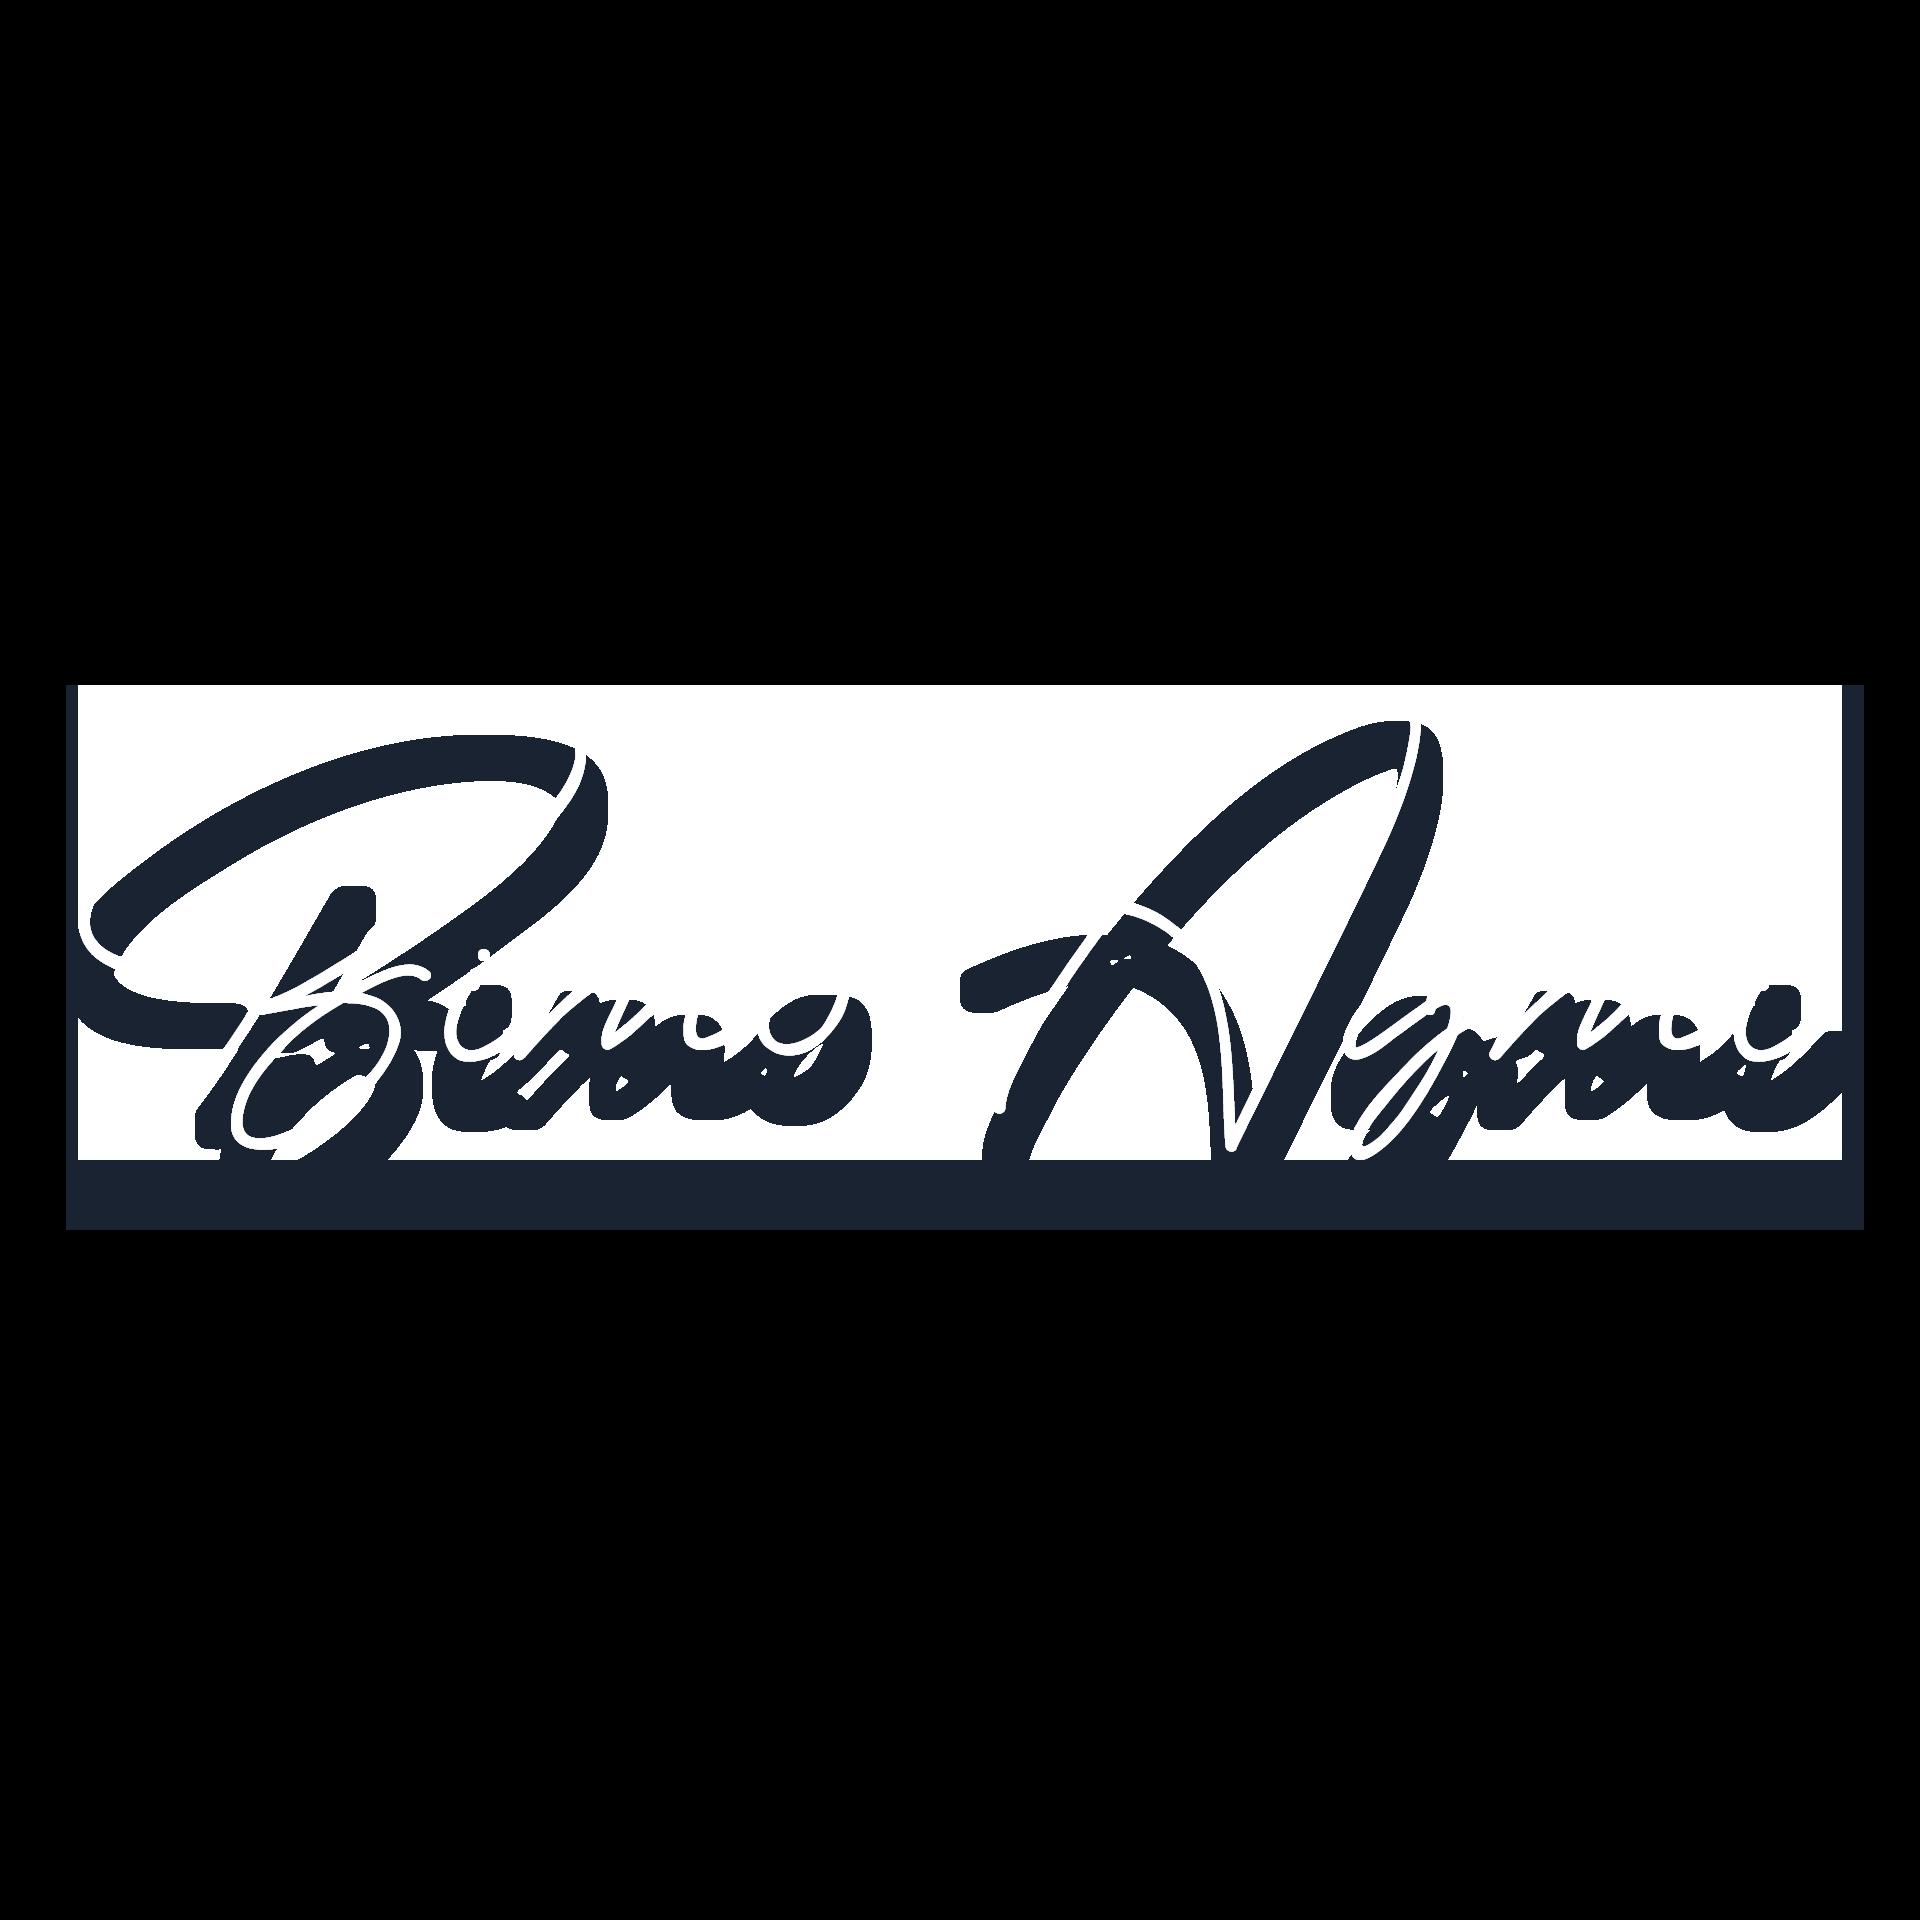 Bimo Agmi